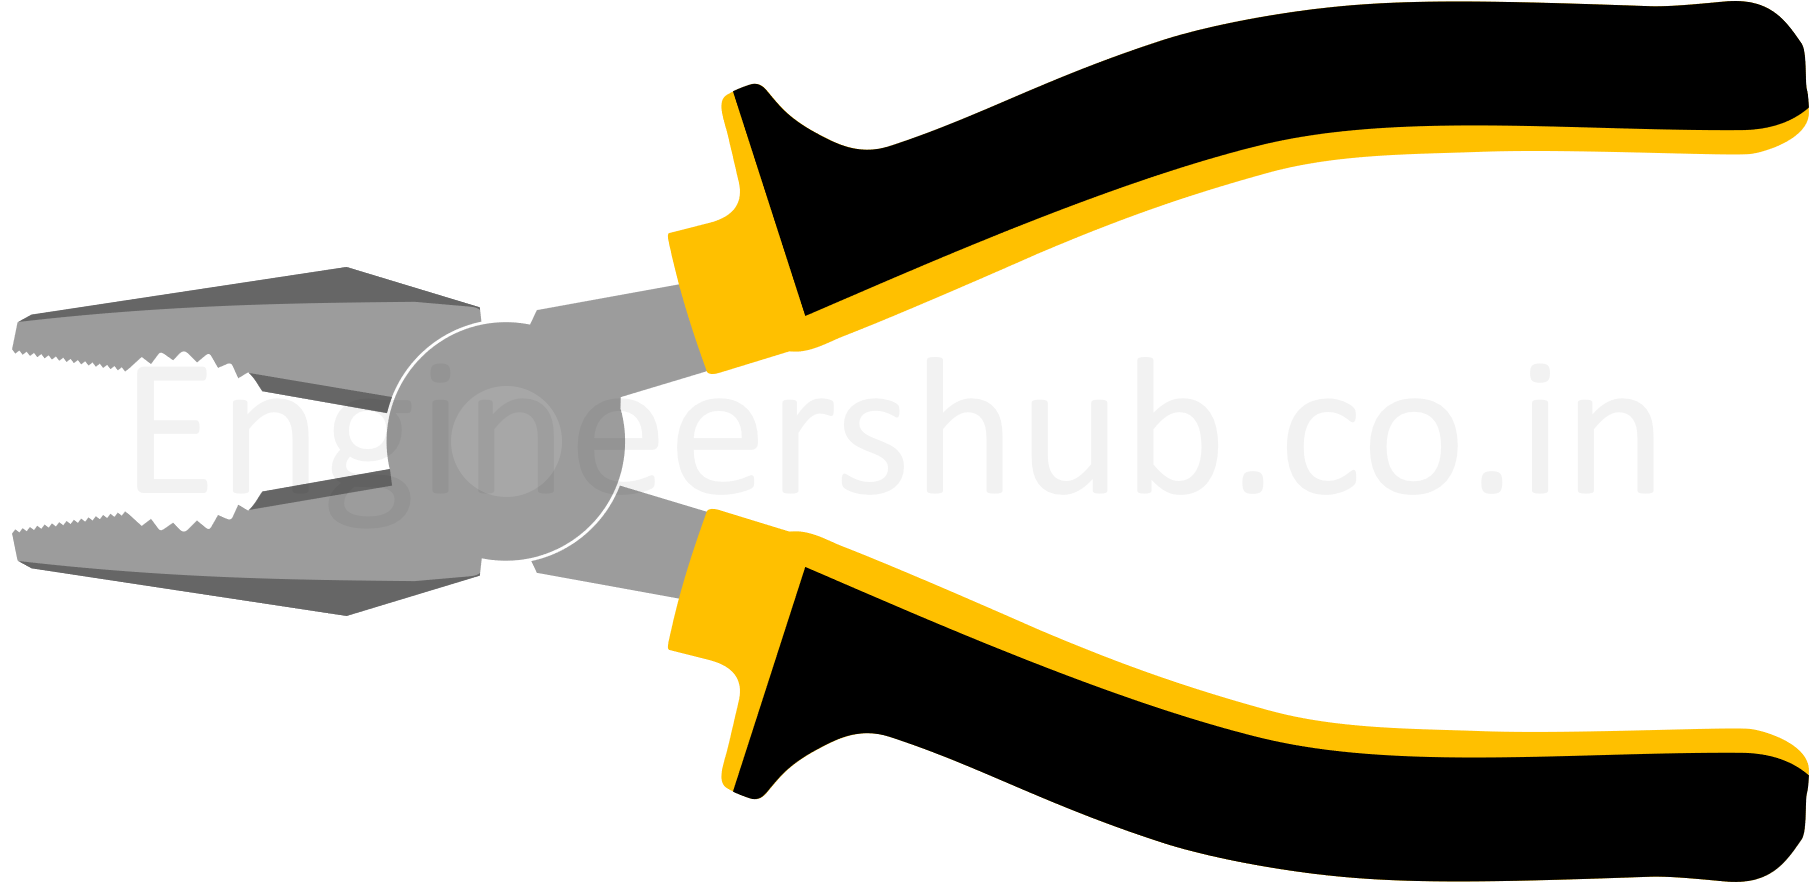 Combination Plier